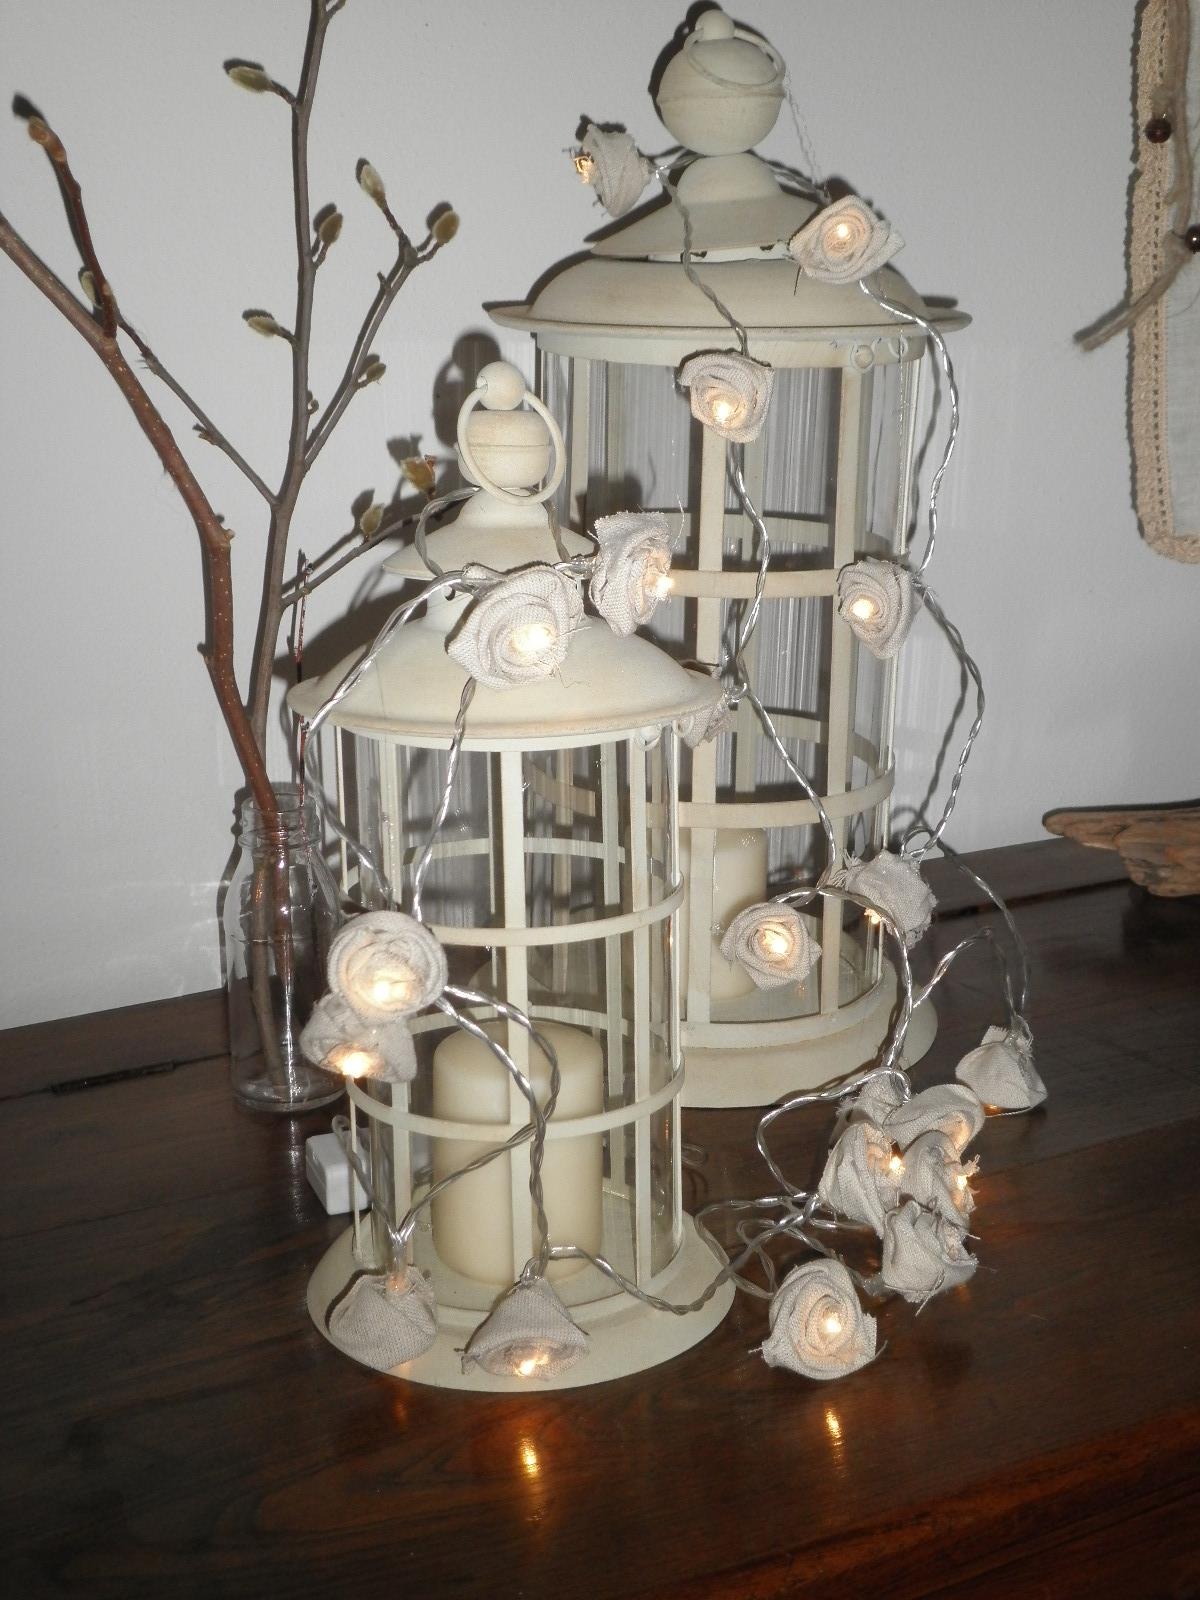 Magic bus giochi di rose e di luci - Decorare lanterne ...